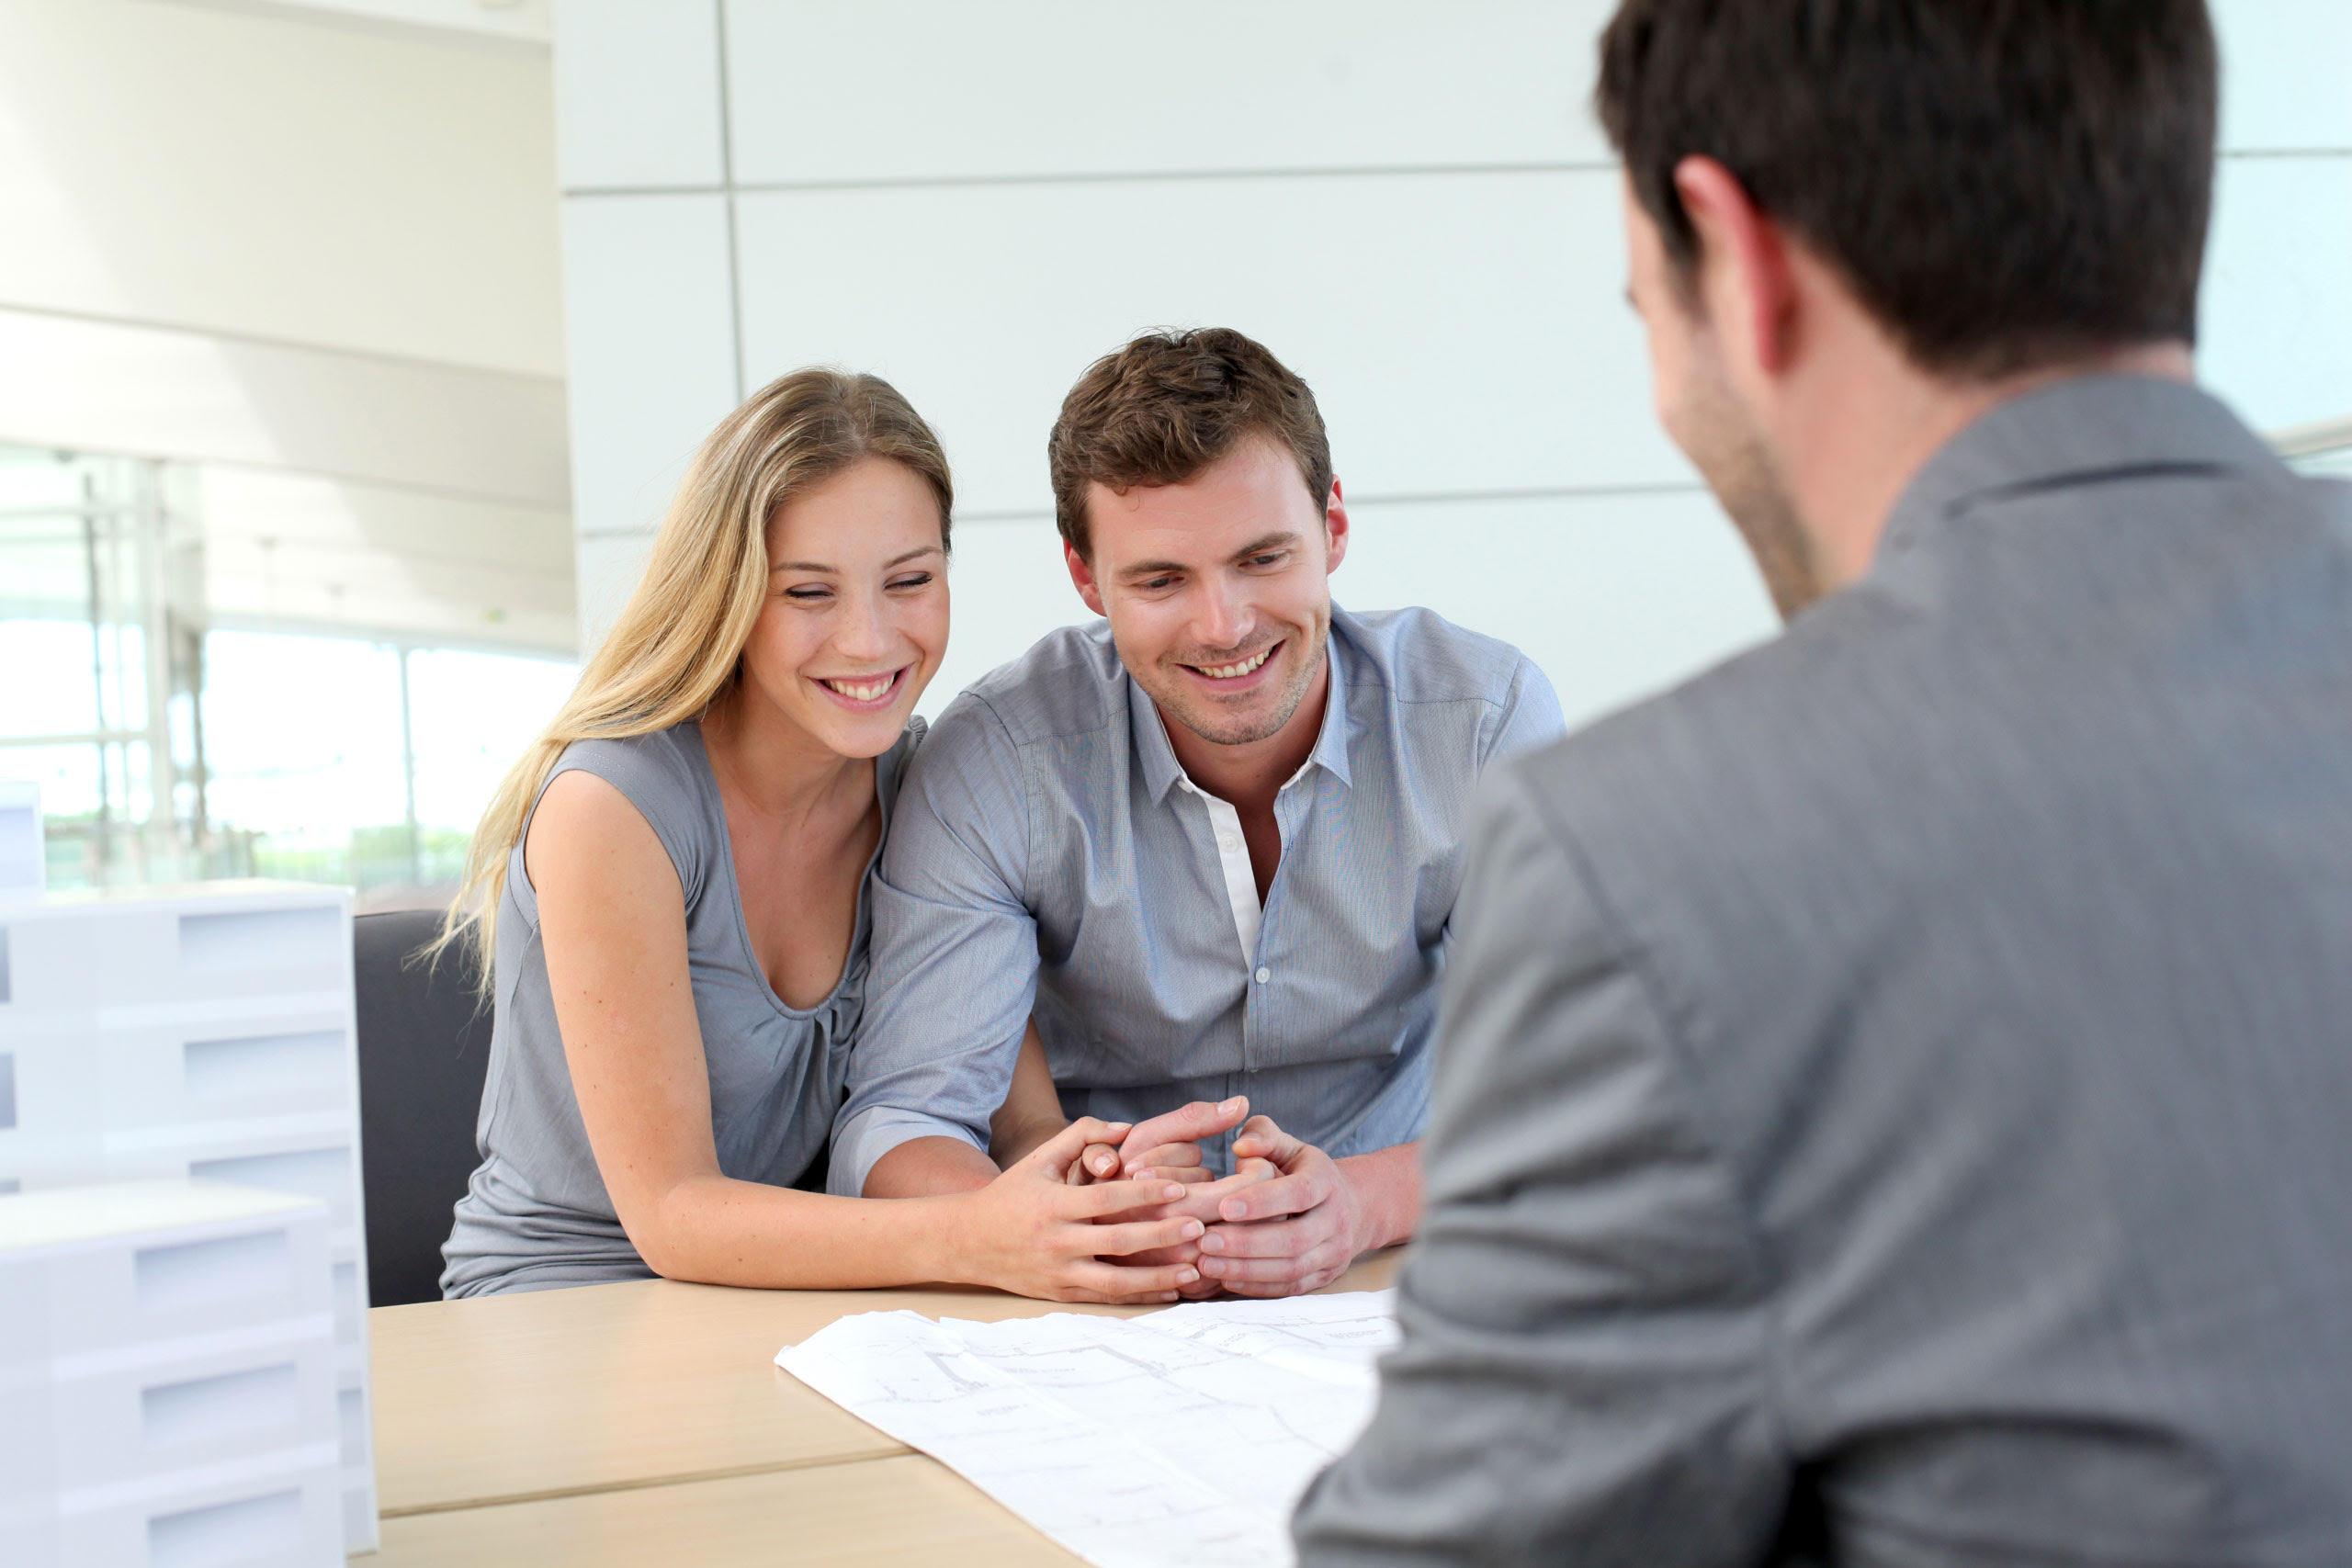 Photo Pourquoi choisir de travailler avec un courtier pour transiger dans votre transaction immobilière ?